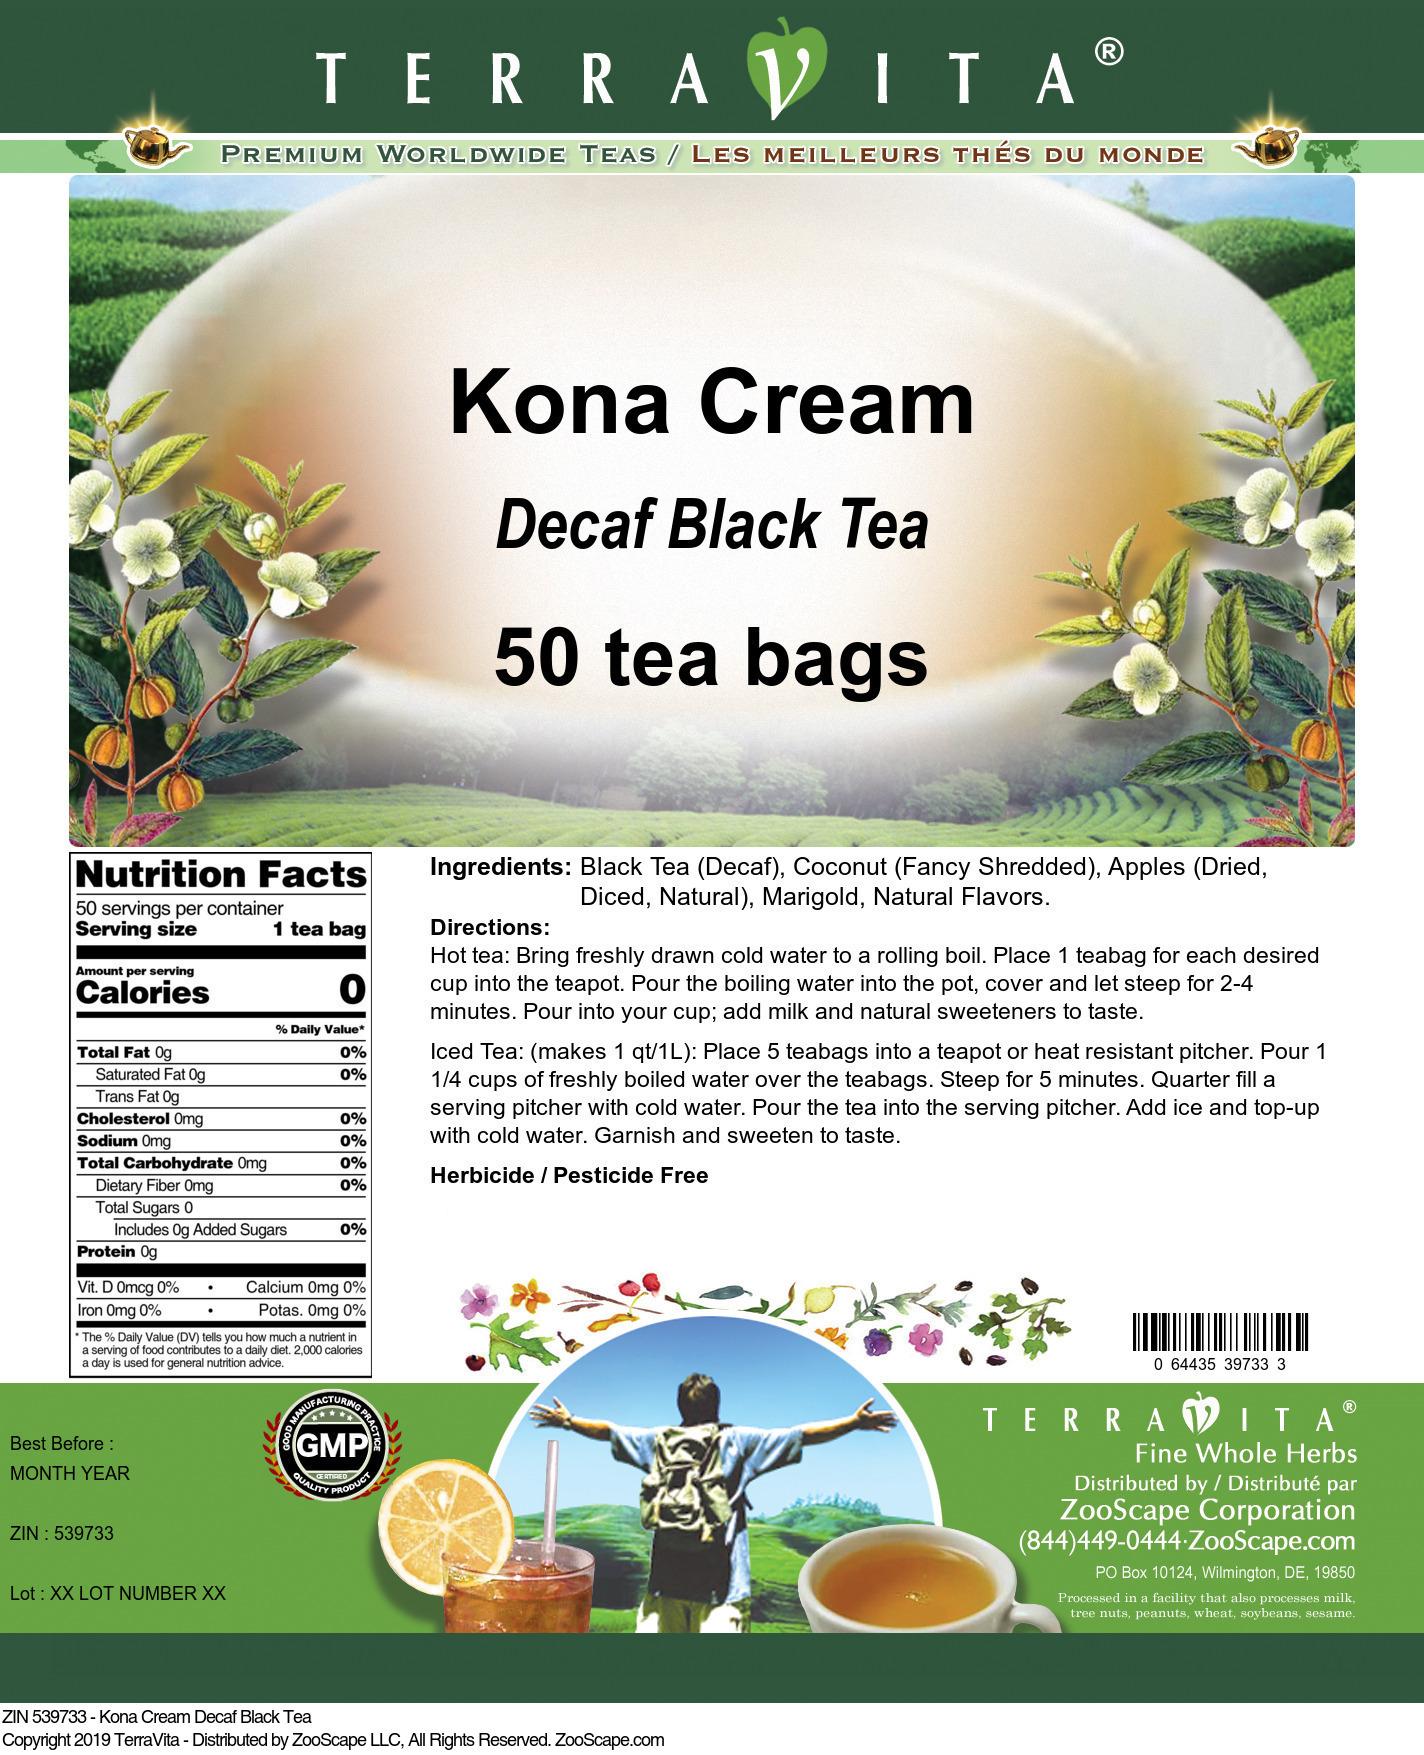 Kona Cream Decaf Black Tea